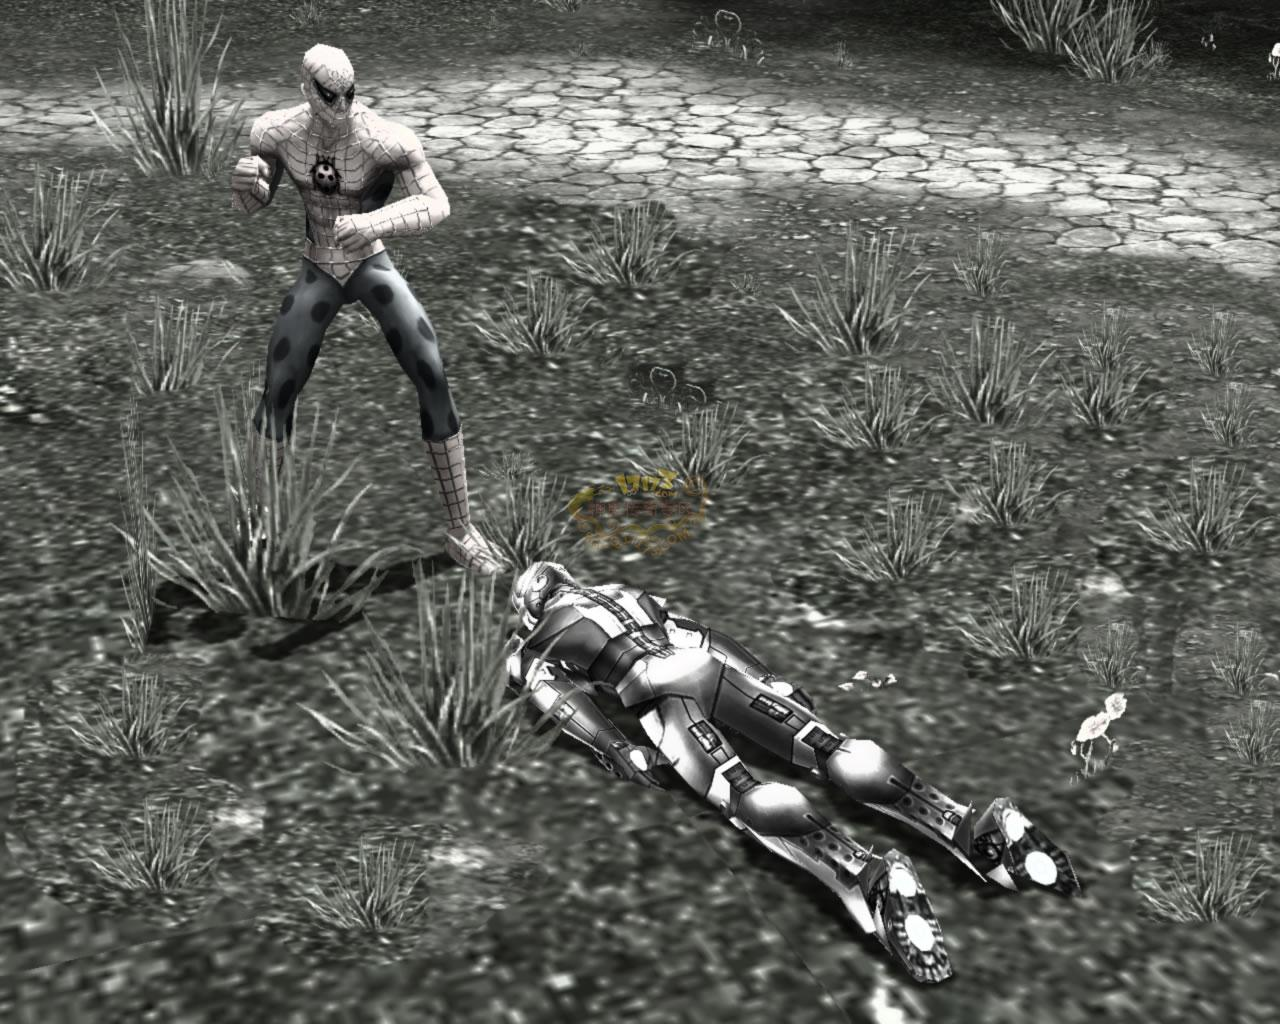 破解悬疑 神鬼传奇 钢铁战士之死 会推理的进入 高清图片